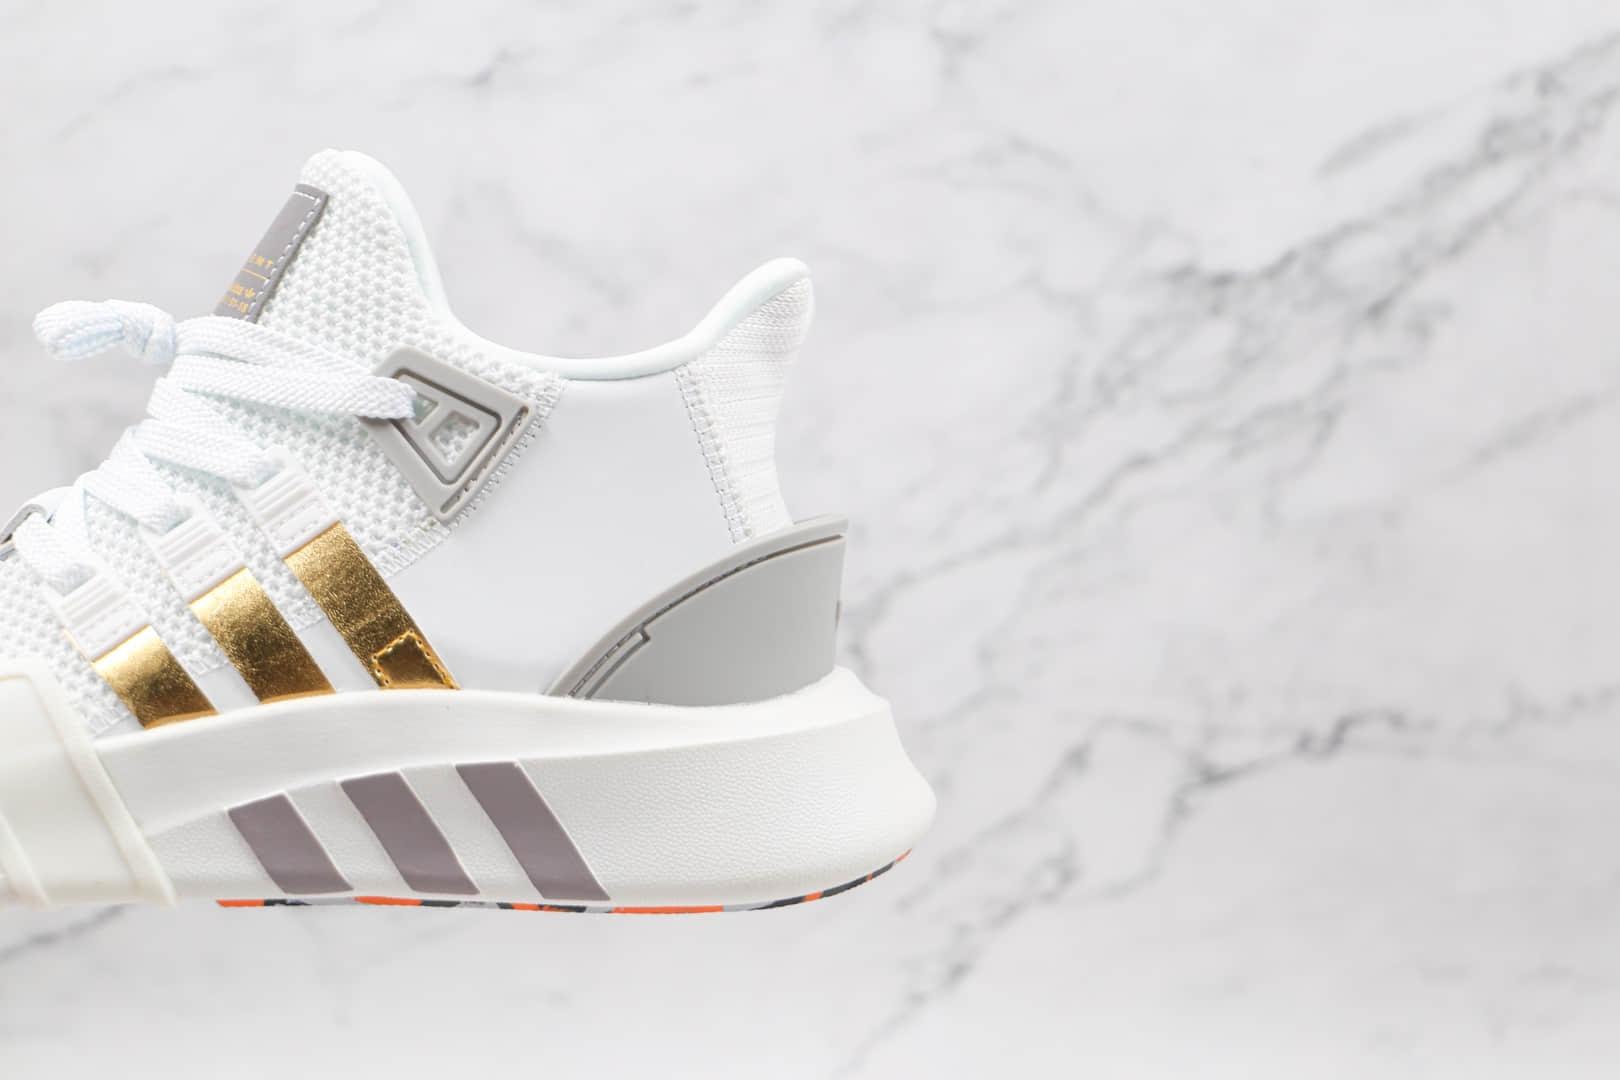 阿迪达斯Adidas EQT BASK ADV纯原版本白金灰色EQT支撑者系列慢跑鞋原楦头纸板打造 货号:FW4286